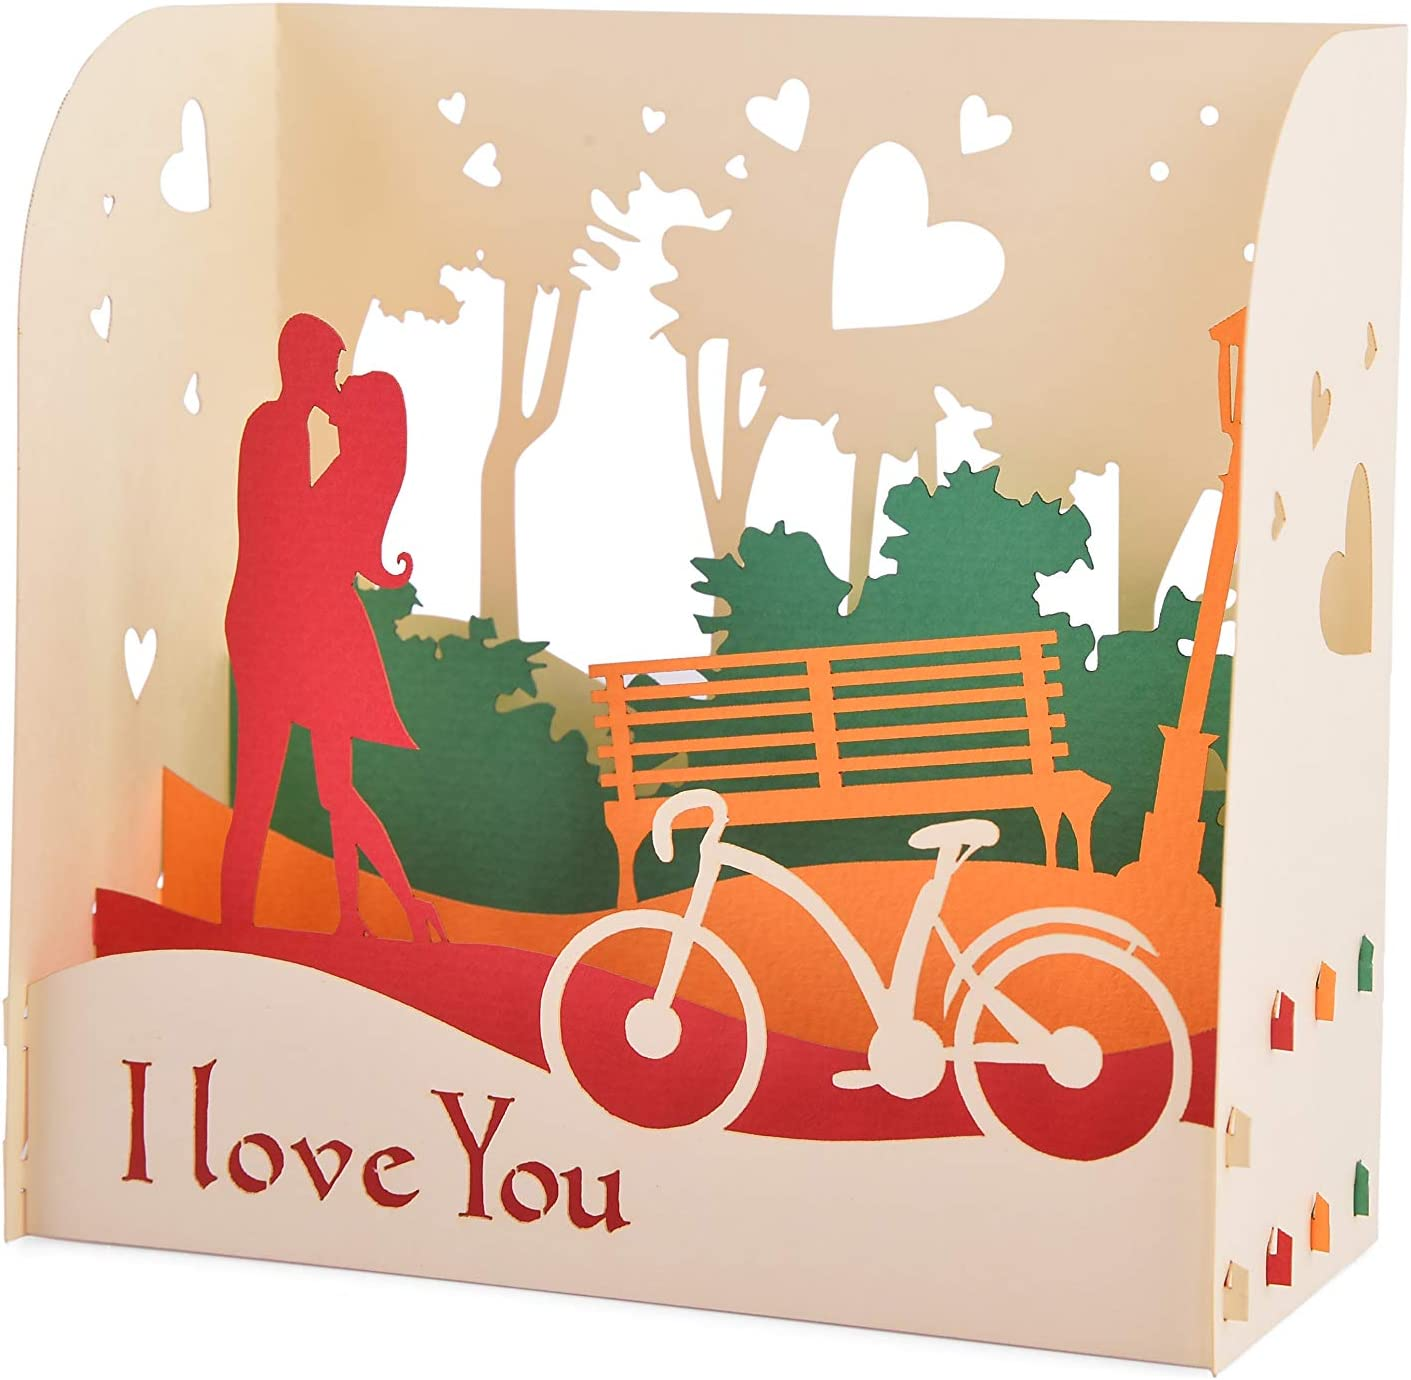 Lot de 2 Fait /à la main Jolie carte pop-up 3d Love Box 01 dans la collection de carte danniversaire, carte damour, carte de remerciement, carte de la Saint-Valentin, carte de fleur